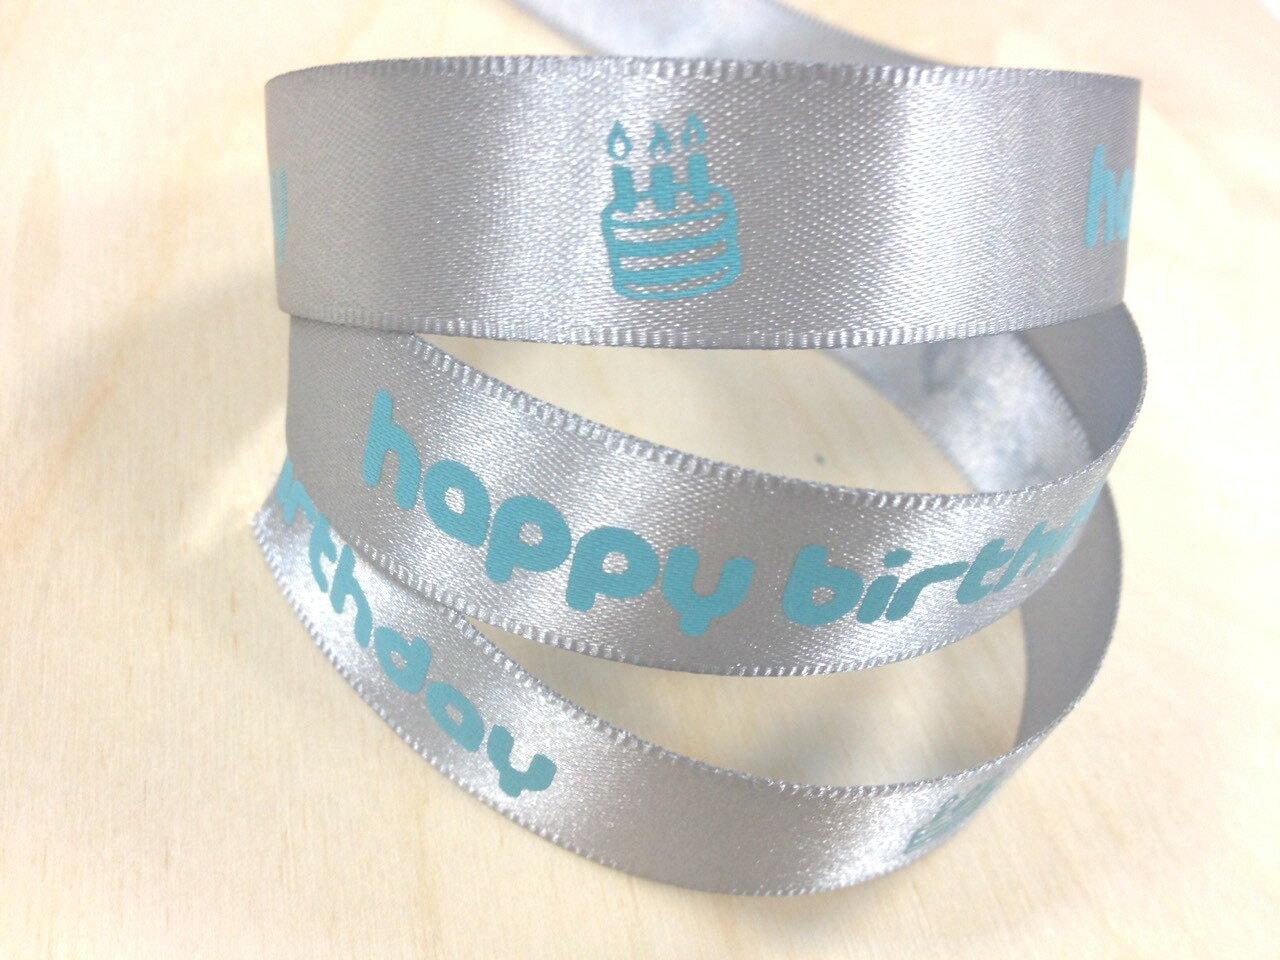 雙面緞緞帶生日快樂-許願蛋糕 15mm 3碼 (10色) 4